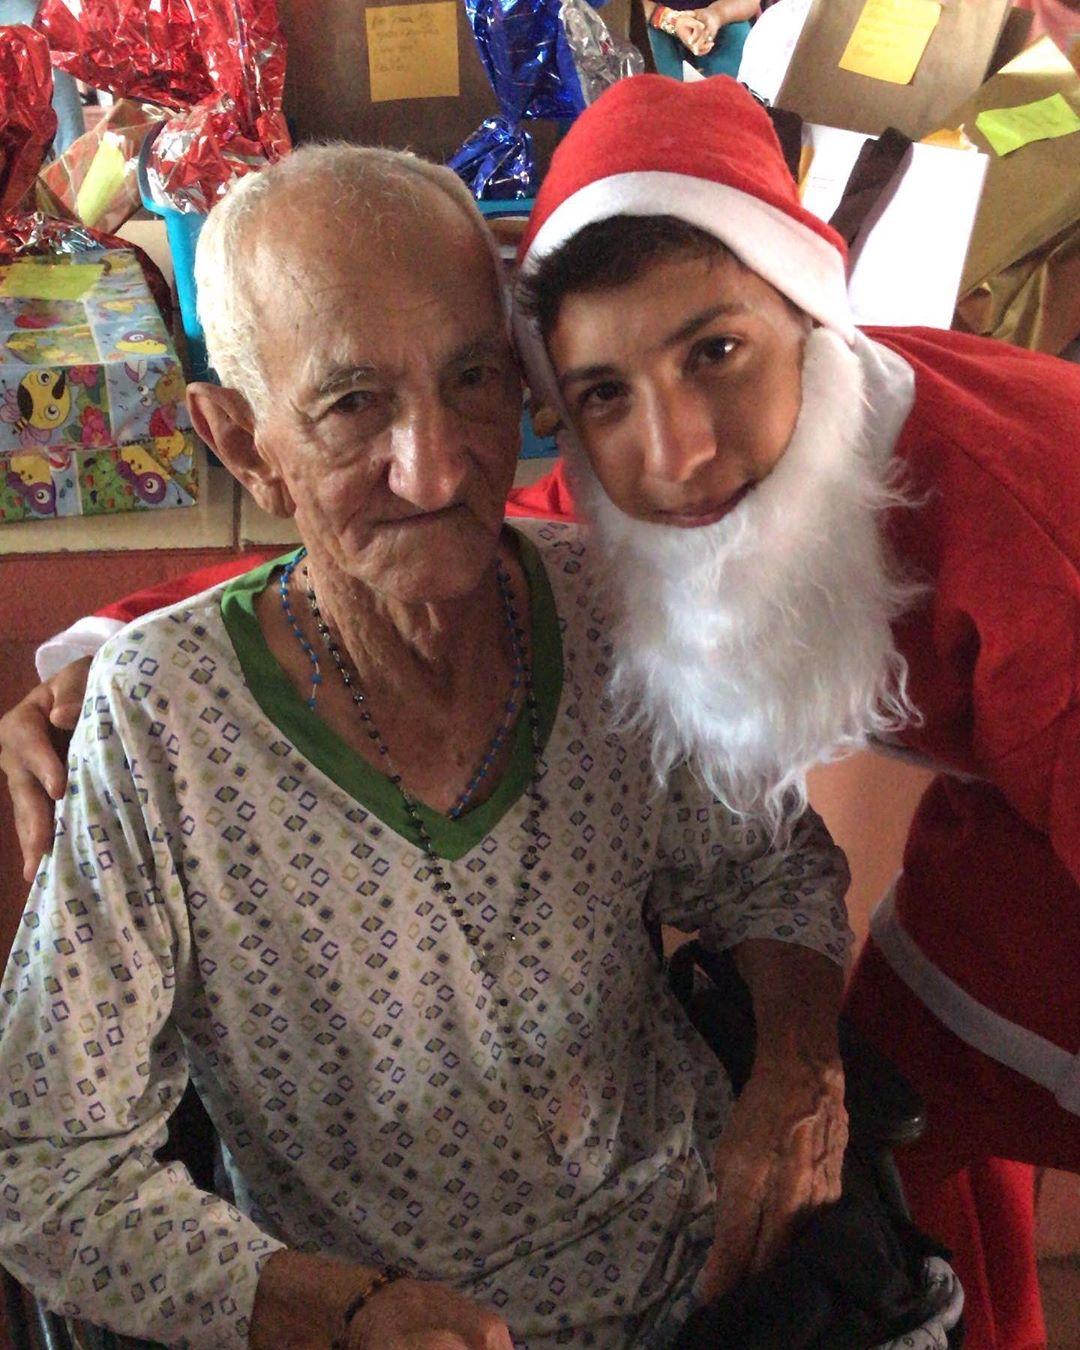 adolescente de Anápolis vestido de papai noel para idosos